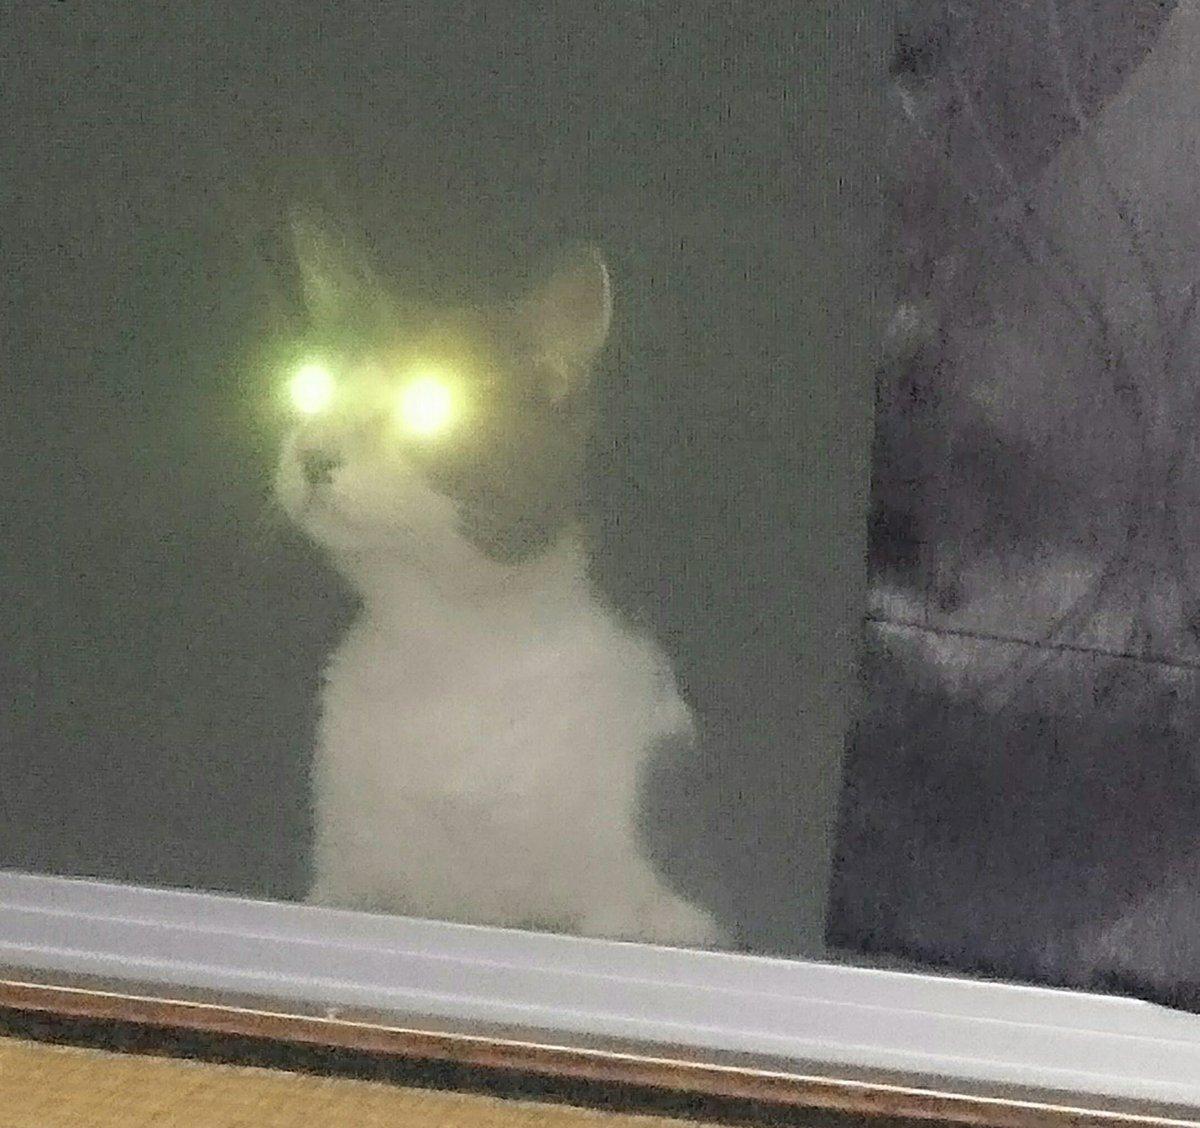 #全日本失敗写真協会満を持して、野良猫です